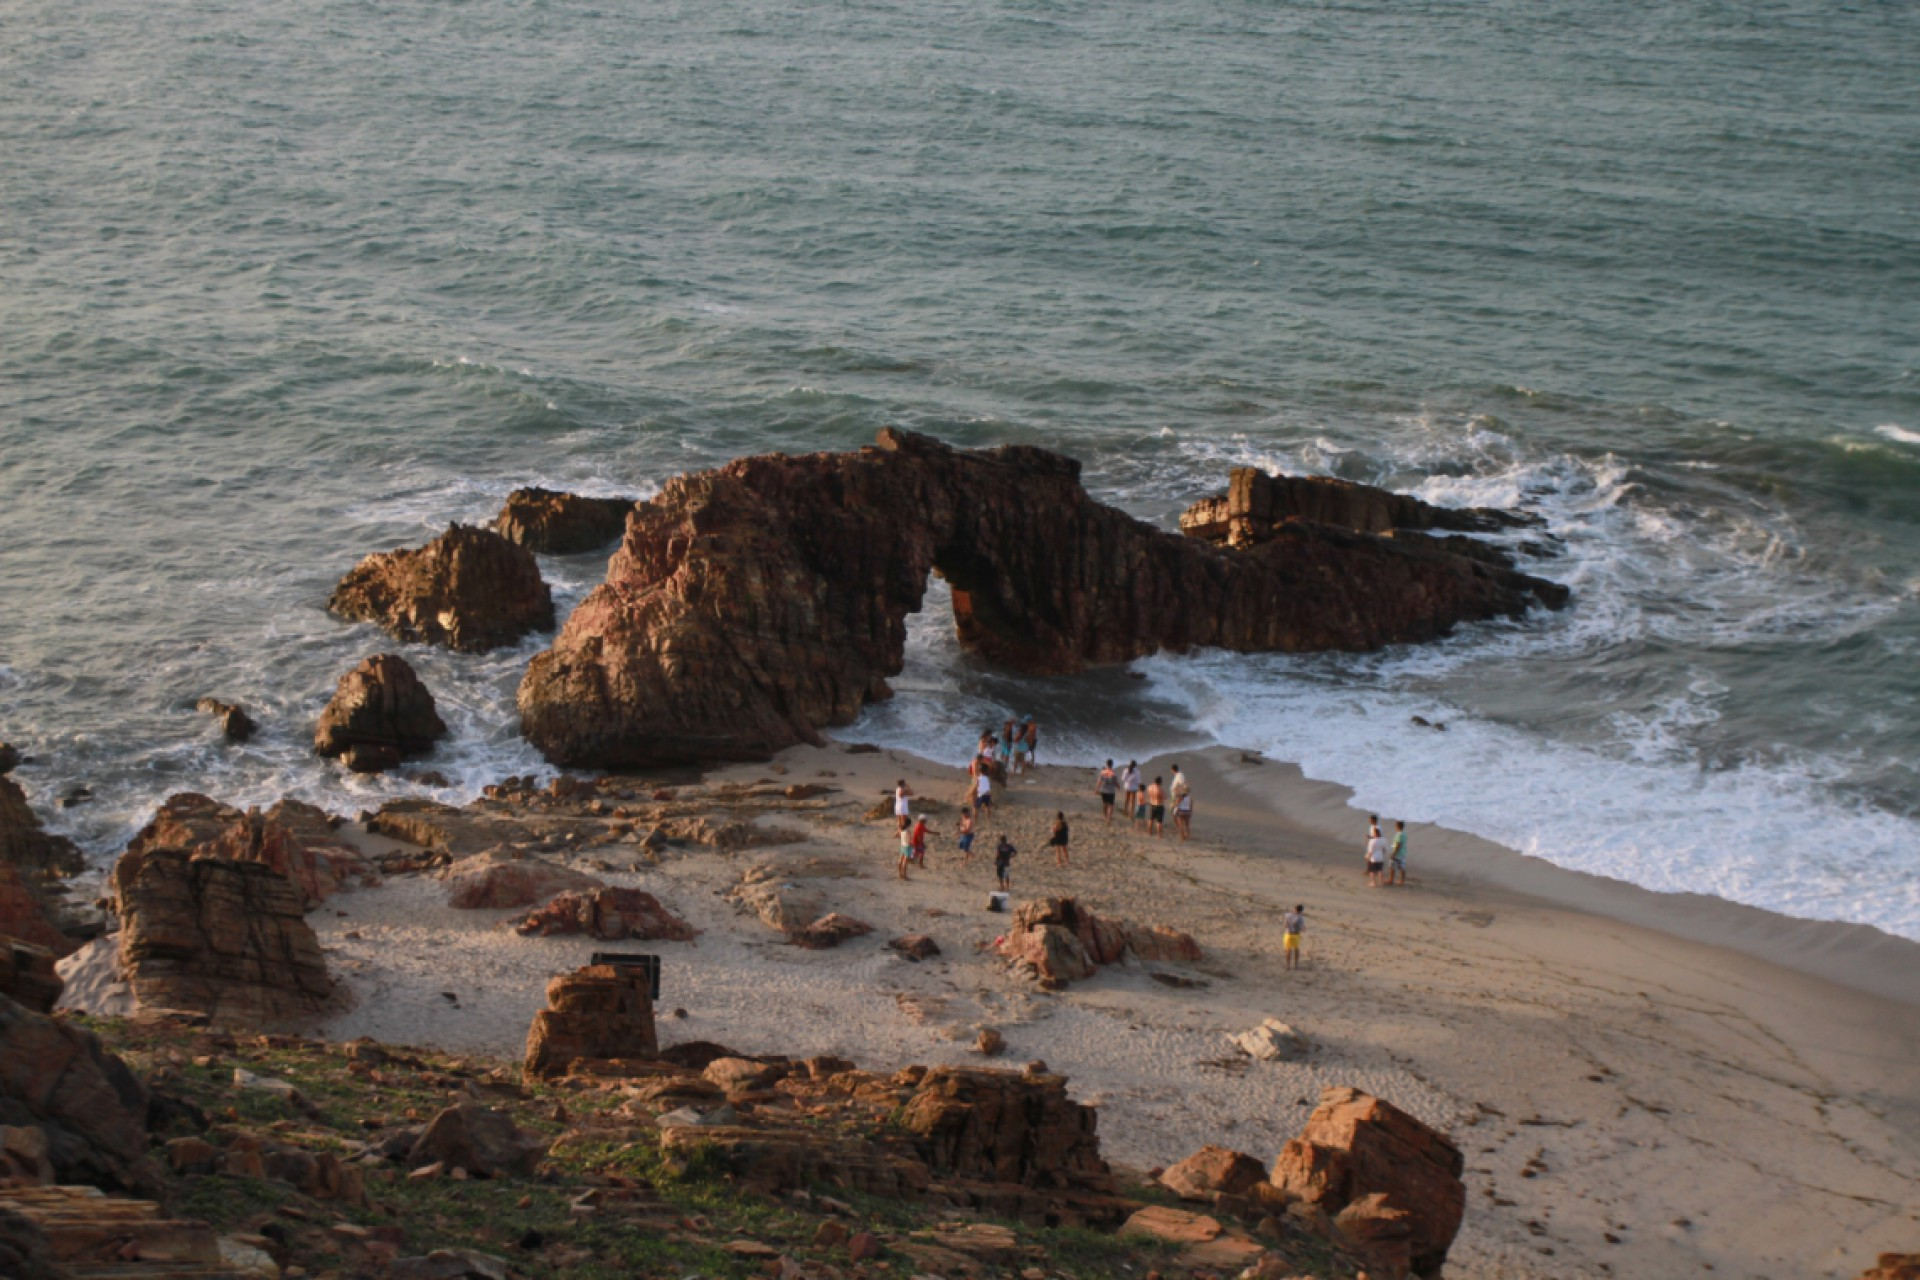 Caso os visitantes passem mais de uma semana em Jericoacoara, será cobrada uma taxa extra de R$ 3 por pessoa a cada dia excedido